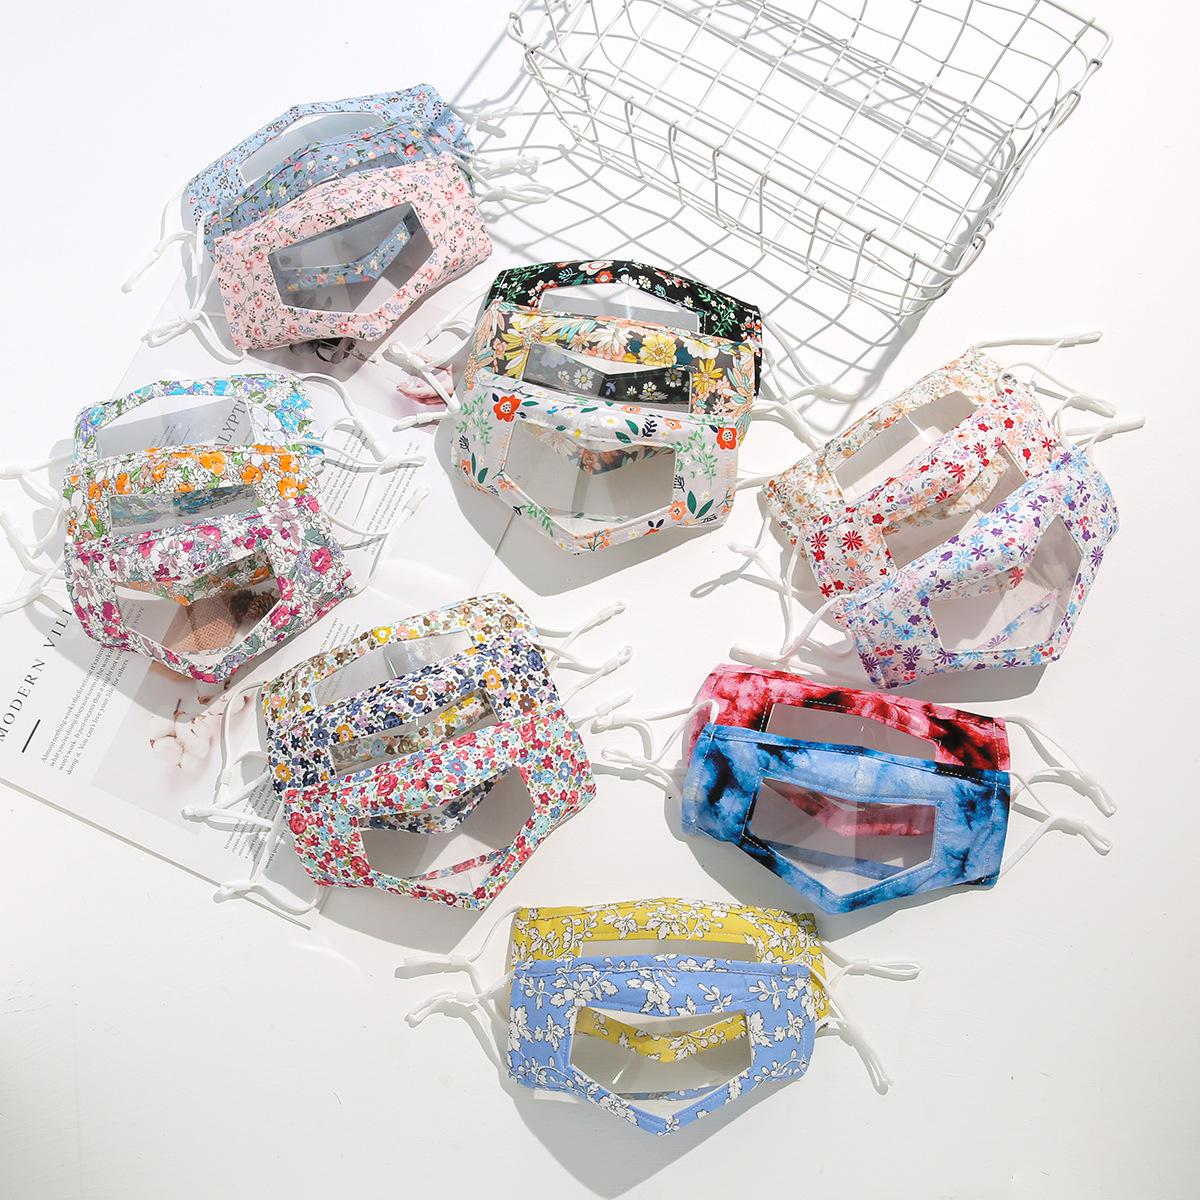 fabricantes de estilo Hot transfronteiriças surdos-mudos Máscaras Designer PVC transparente máscara facial máscaras de ajuste máscaras lábio civis